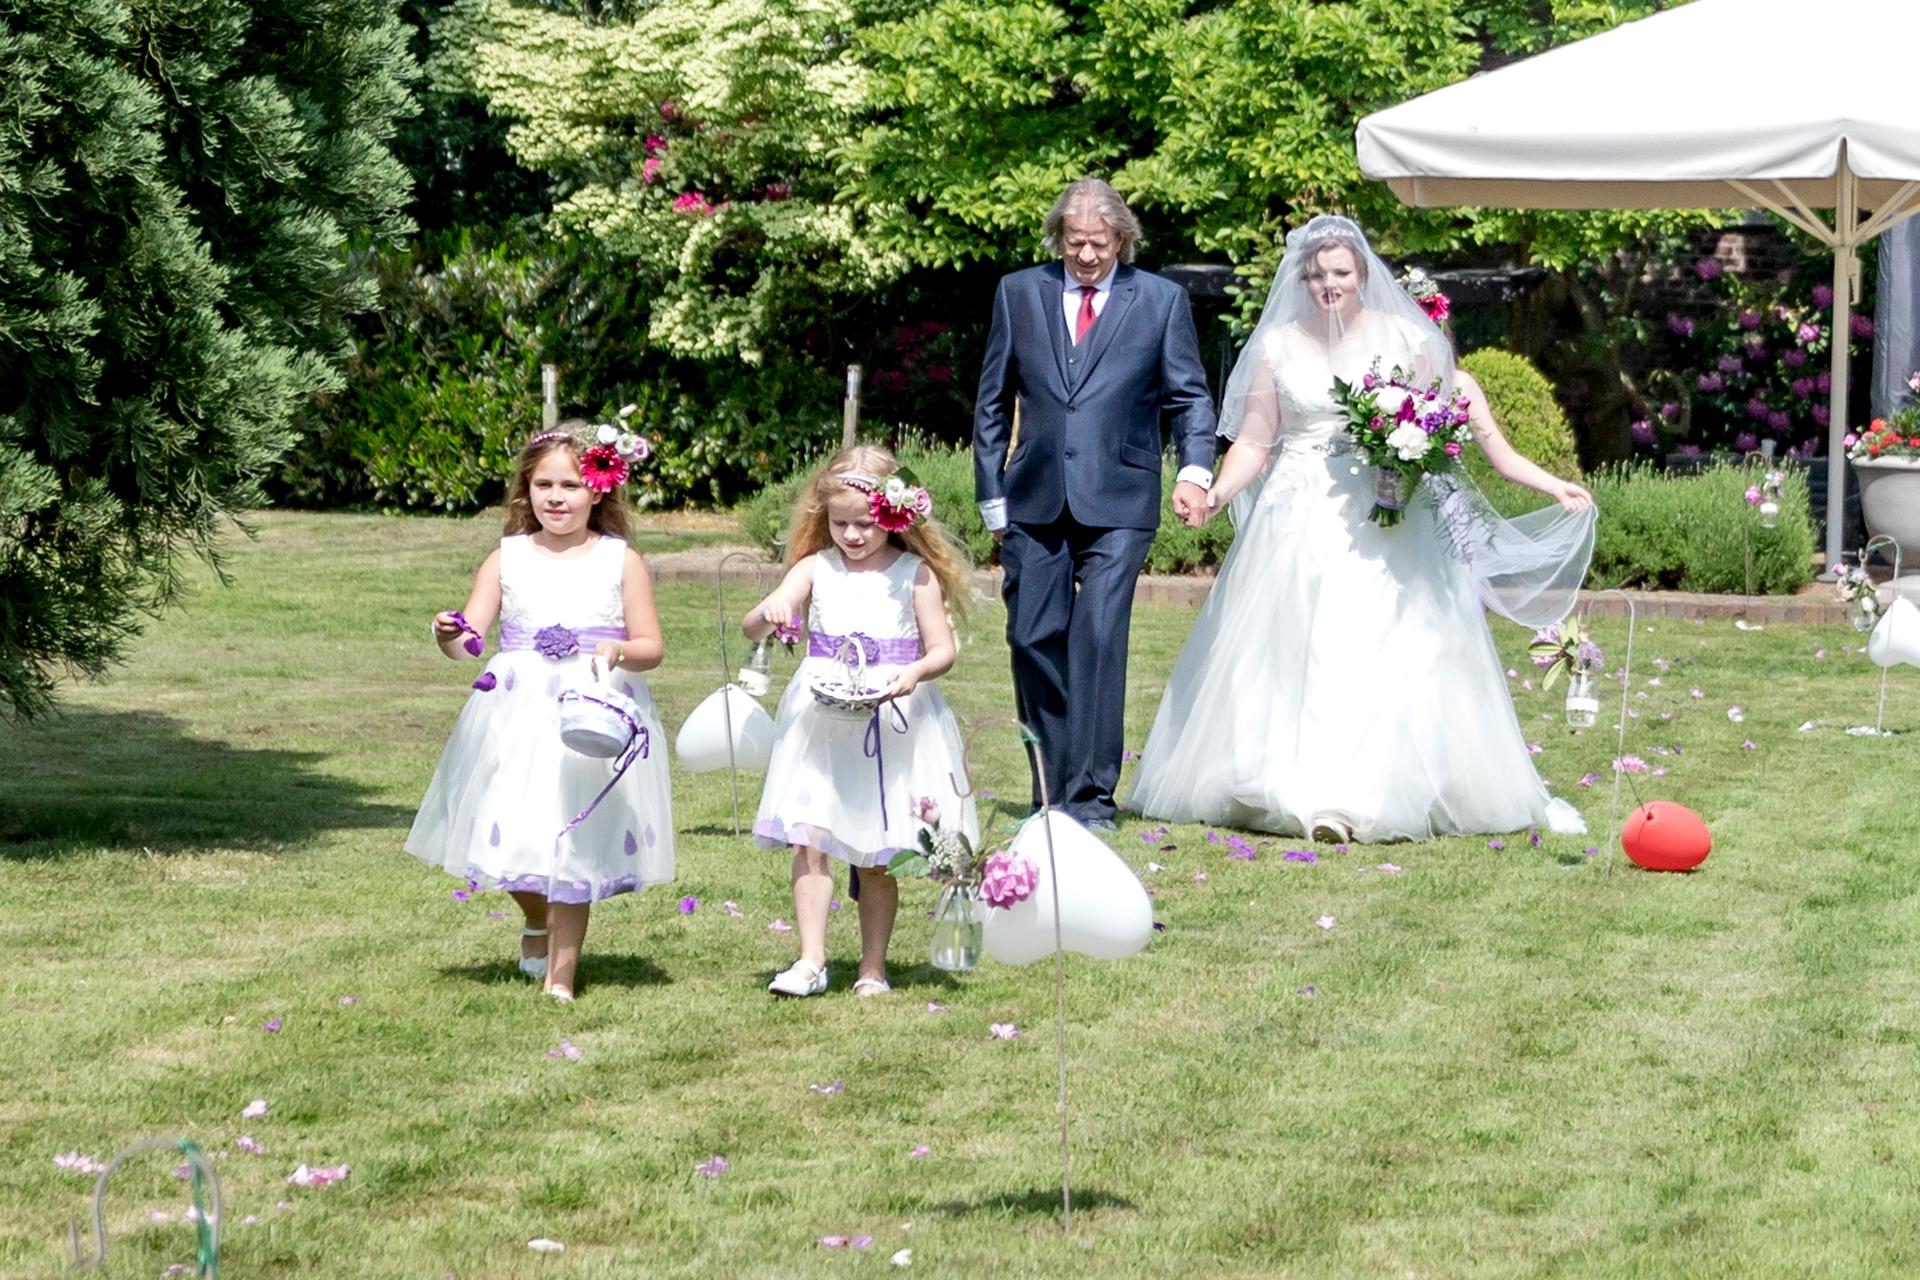 trouwen-bruiloft-ceremonie-wedding-peggylaugsfotografie